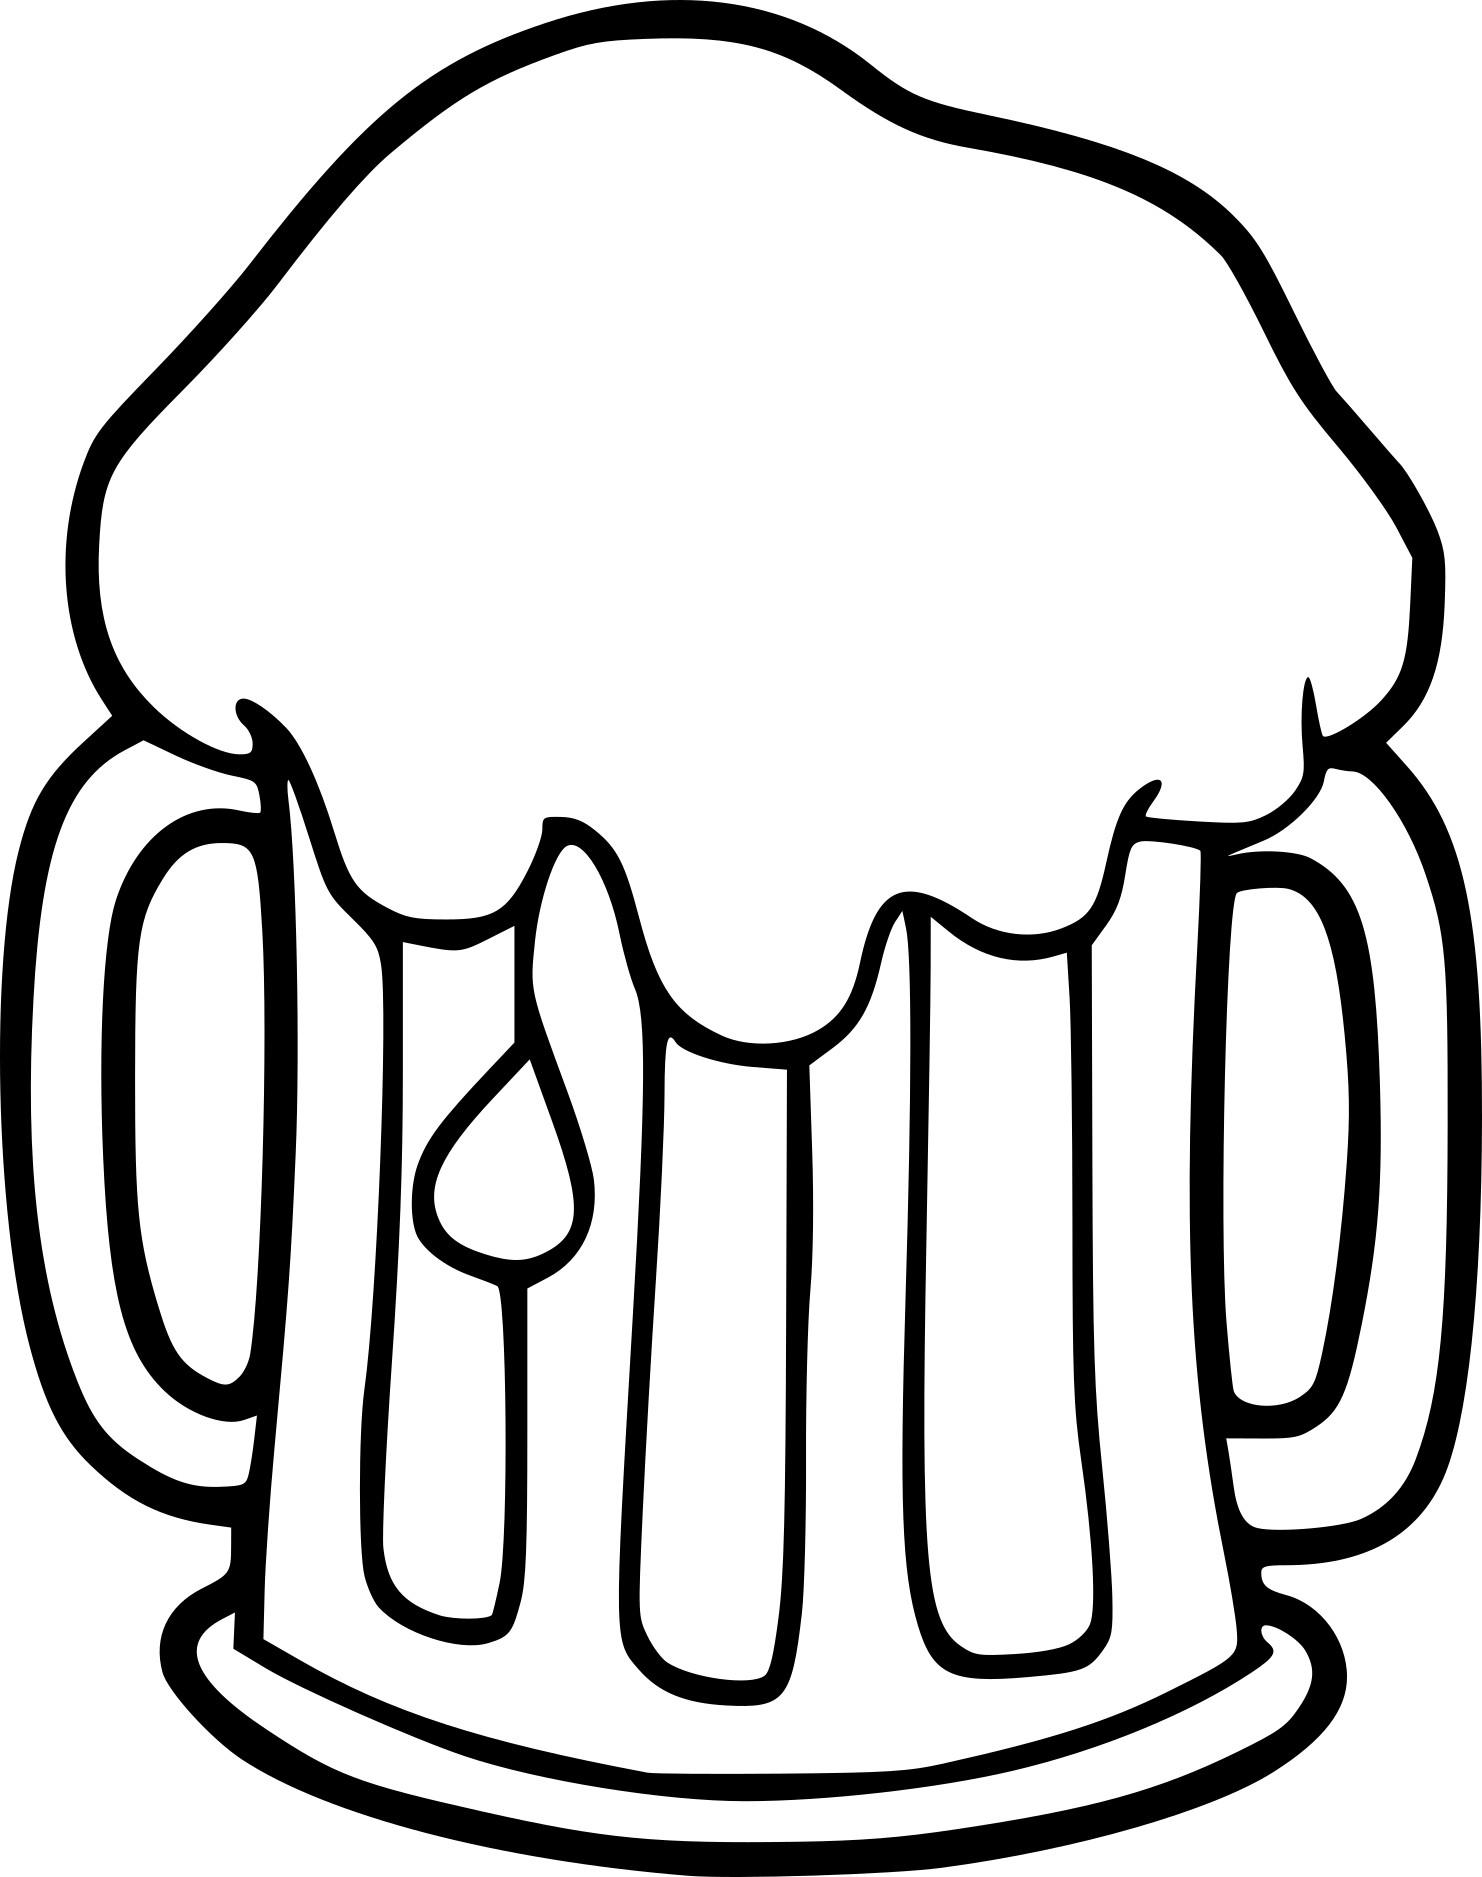 Coloriage Bière